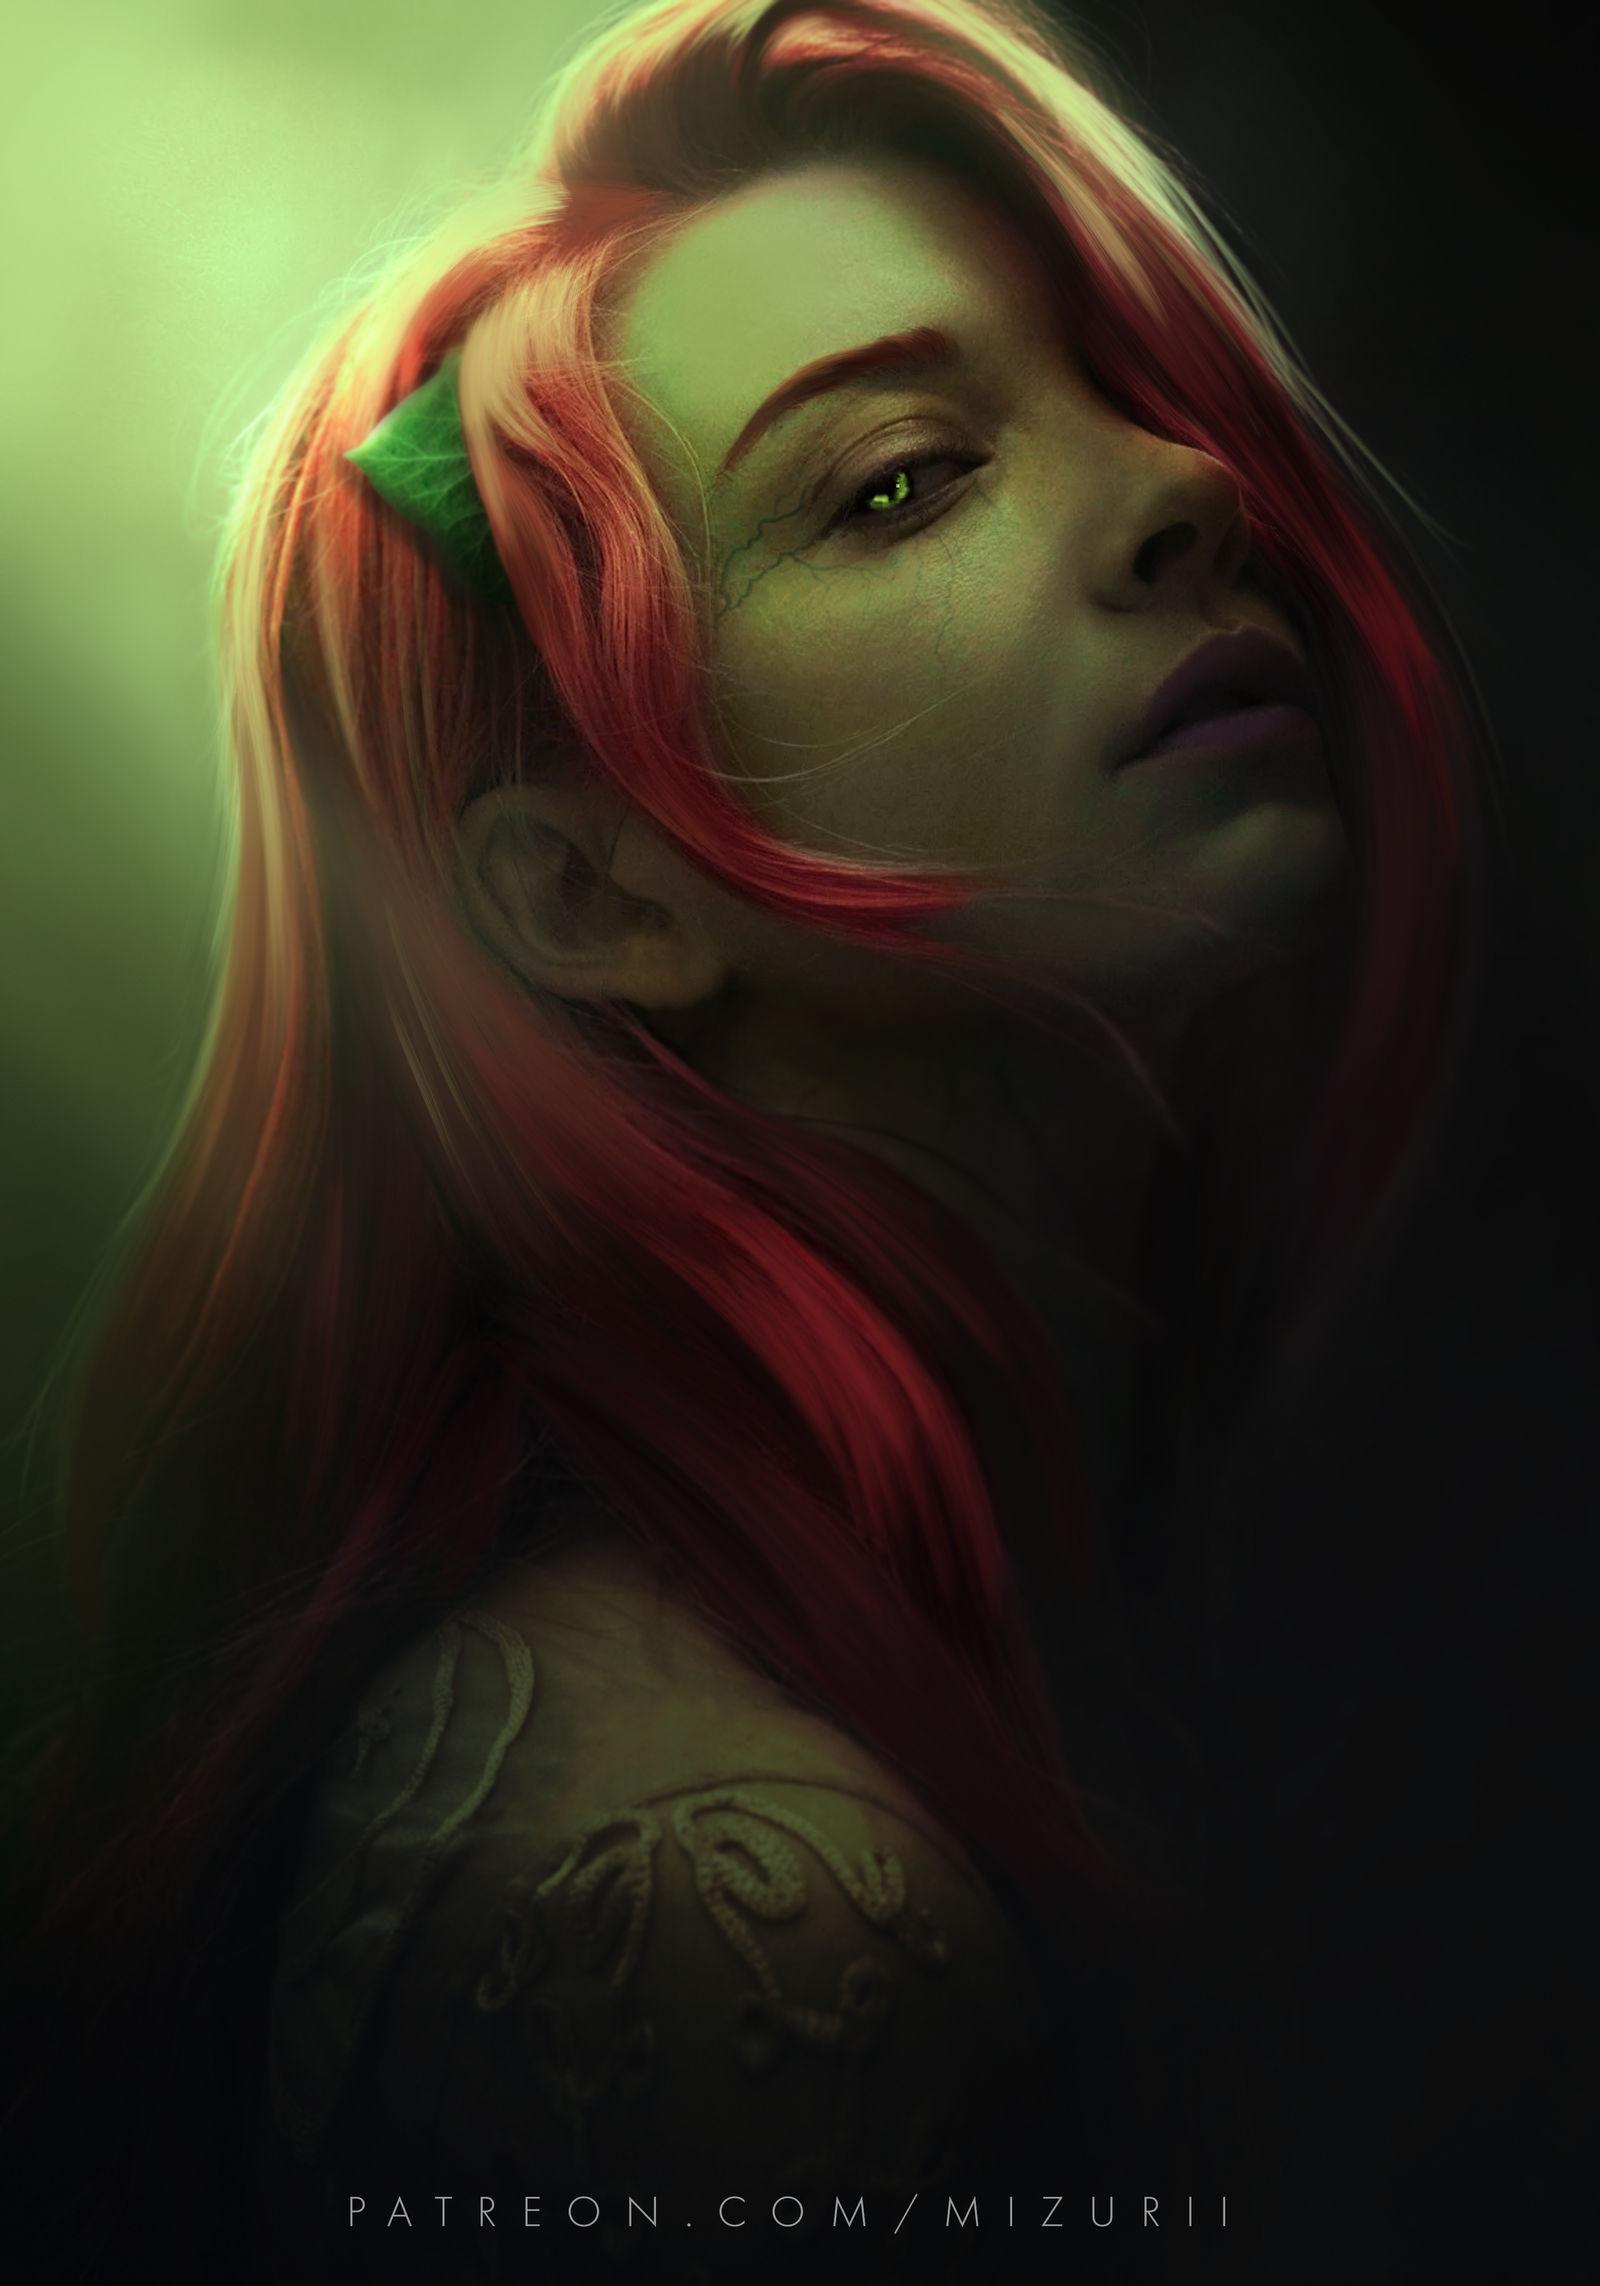 Natalie Dormer as Poison Ivy by MizuriOfficial on DeviantArt